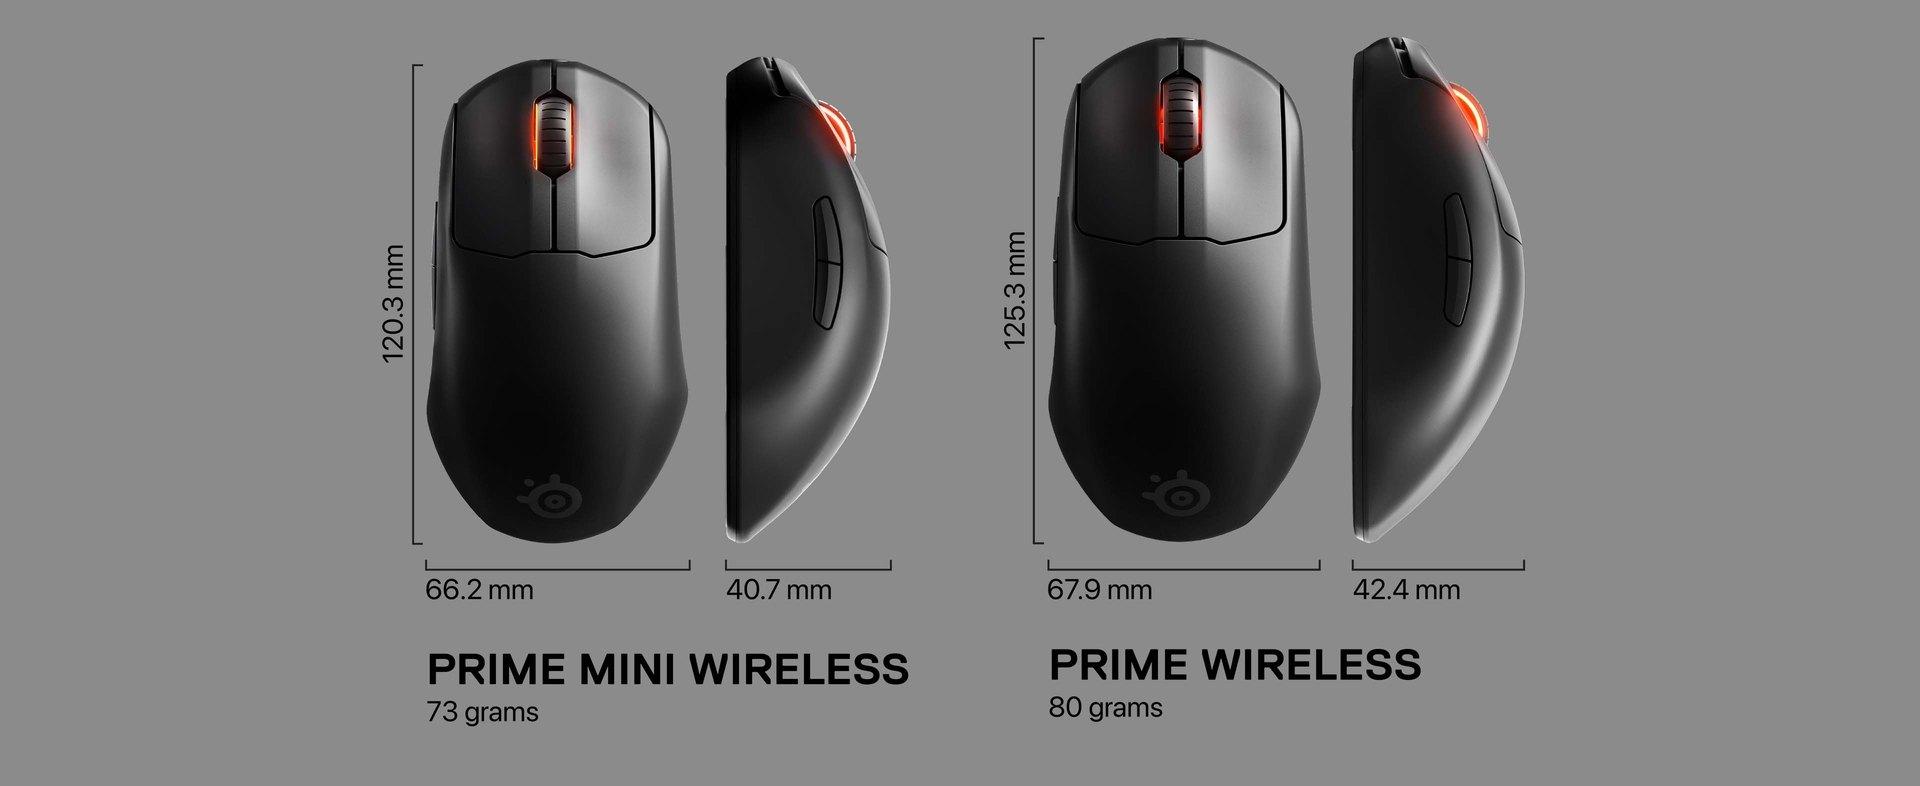 Schemat pokazujący różnicę w wielkości pomiędzy Prime i Prime Mini. Tekst po lewej: Prime Mini Wireless, 73g. Tekst po prawej stronie: Prime Wireless, 80g.